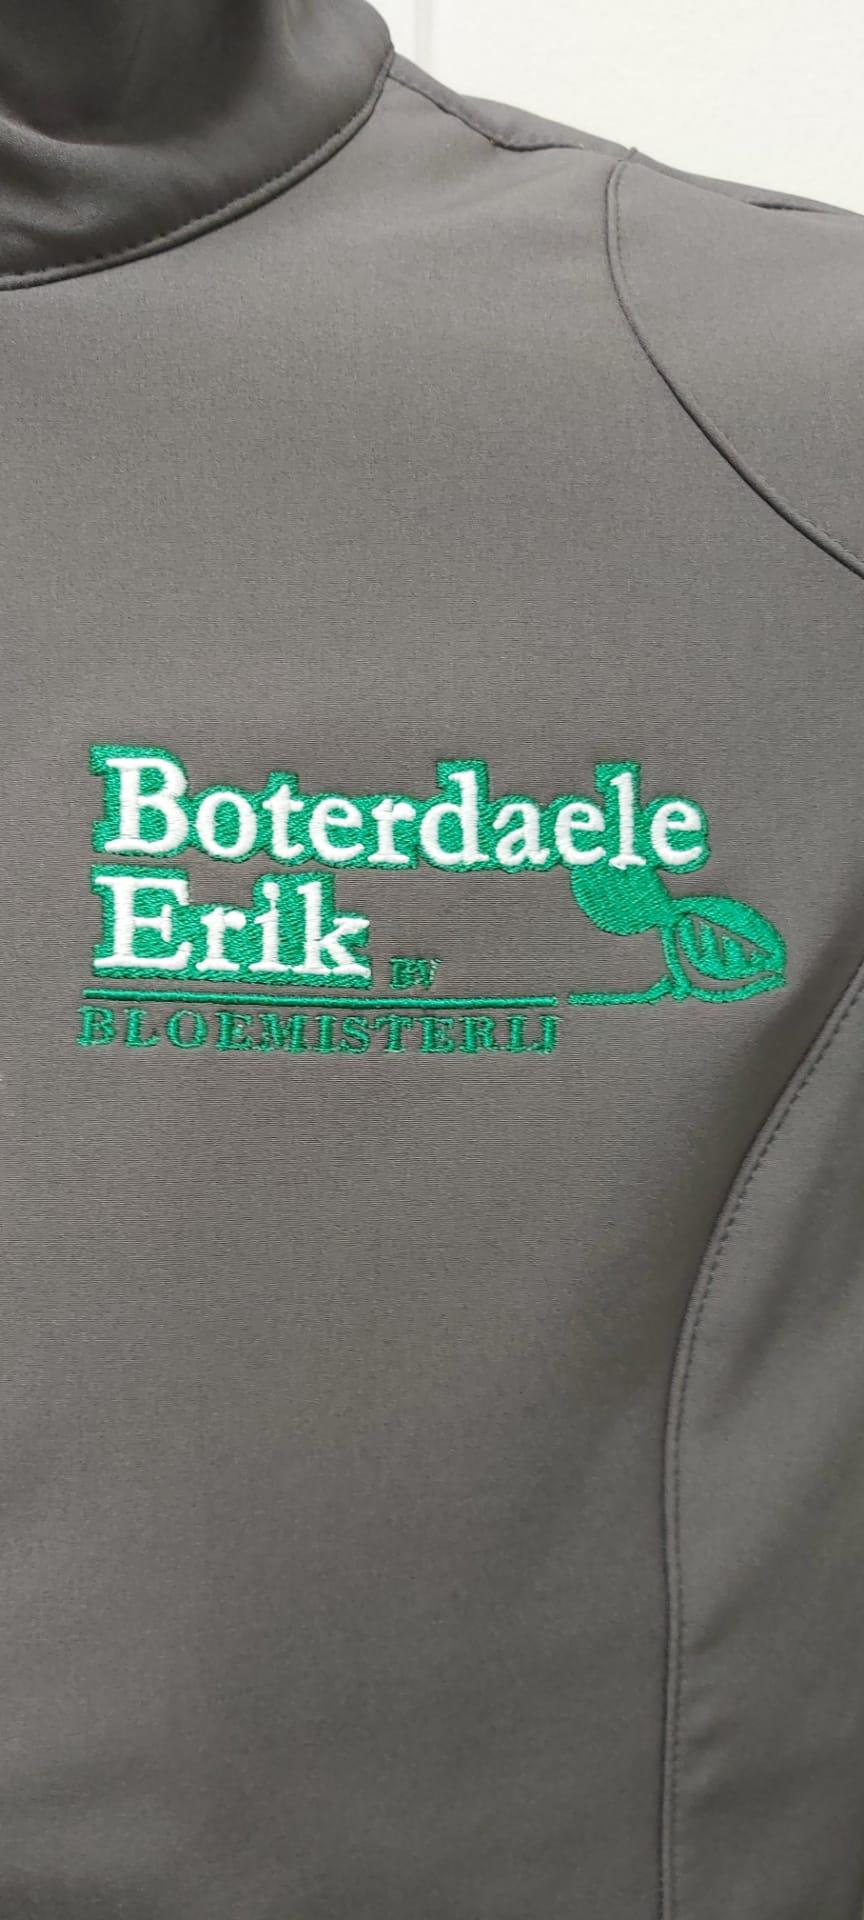 geborduurd logo Boterdaele Erik